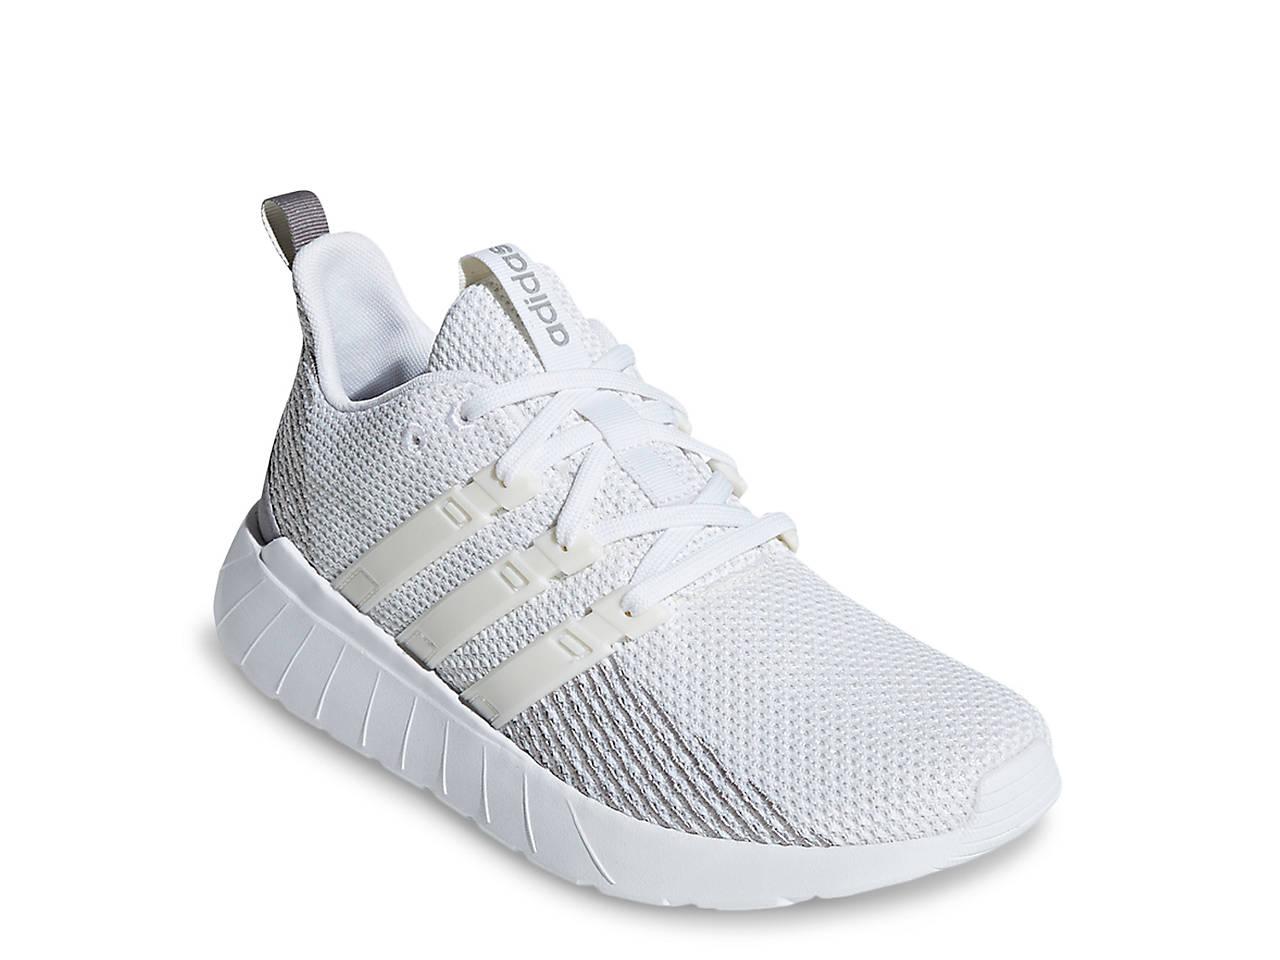 498e45b5ea Questar Flow Sneaker - Women's